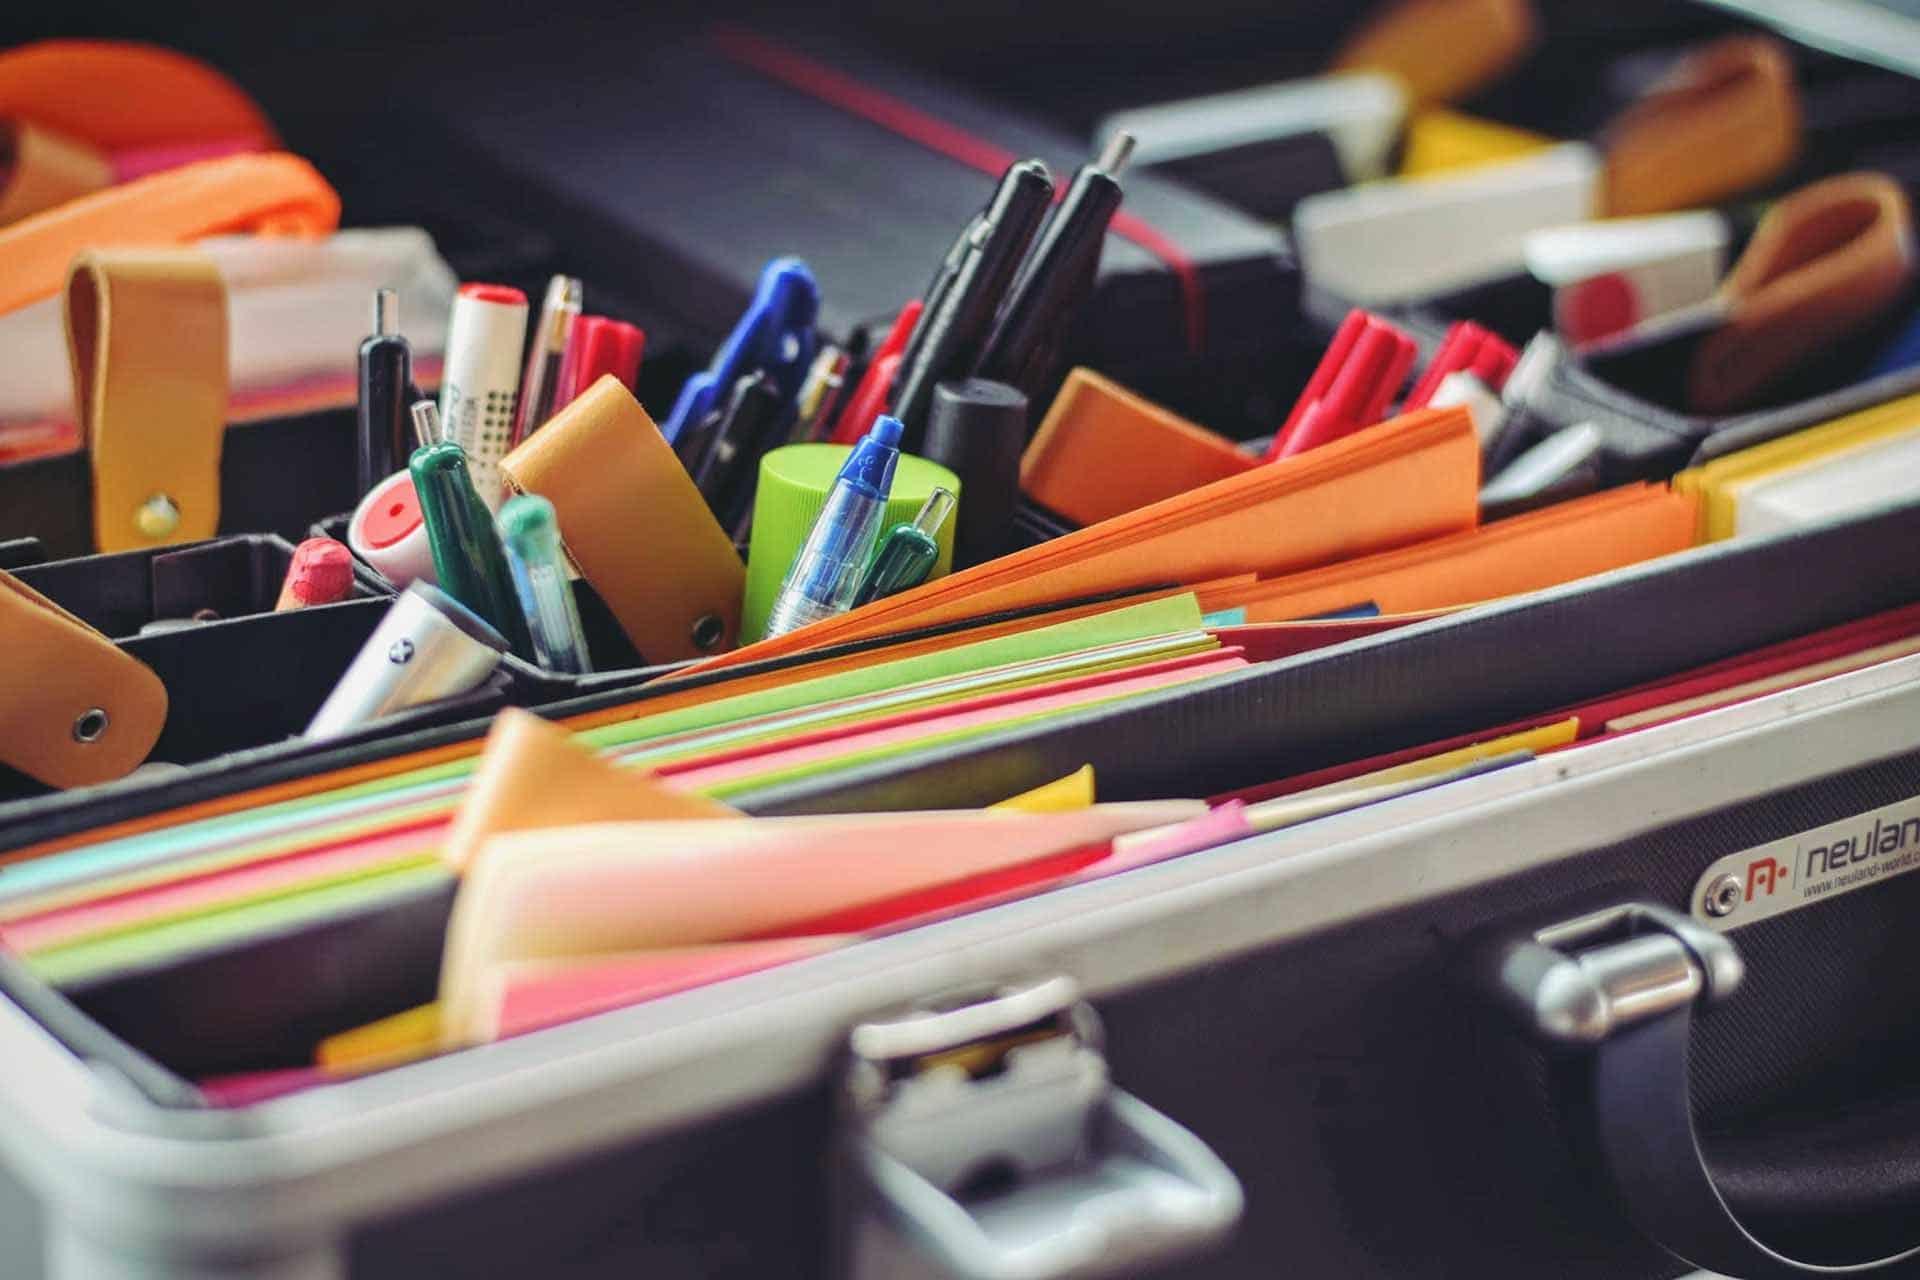 t2informatik Blog: Kreativität im Meeting - Ein Methodenvergleich